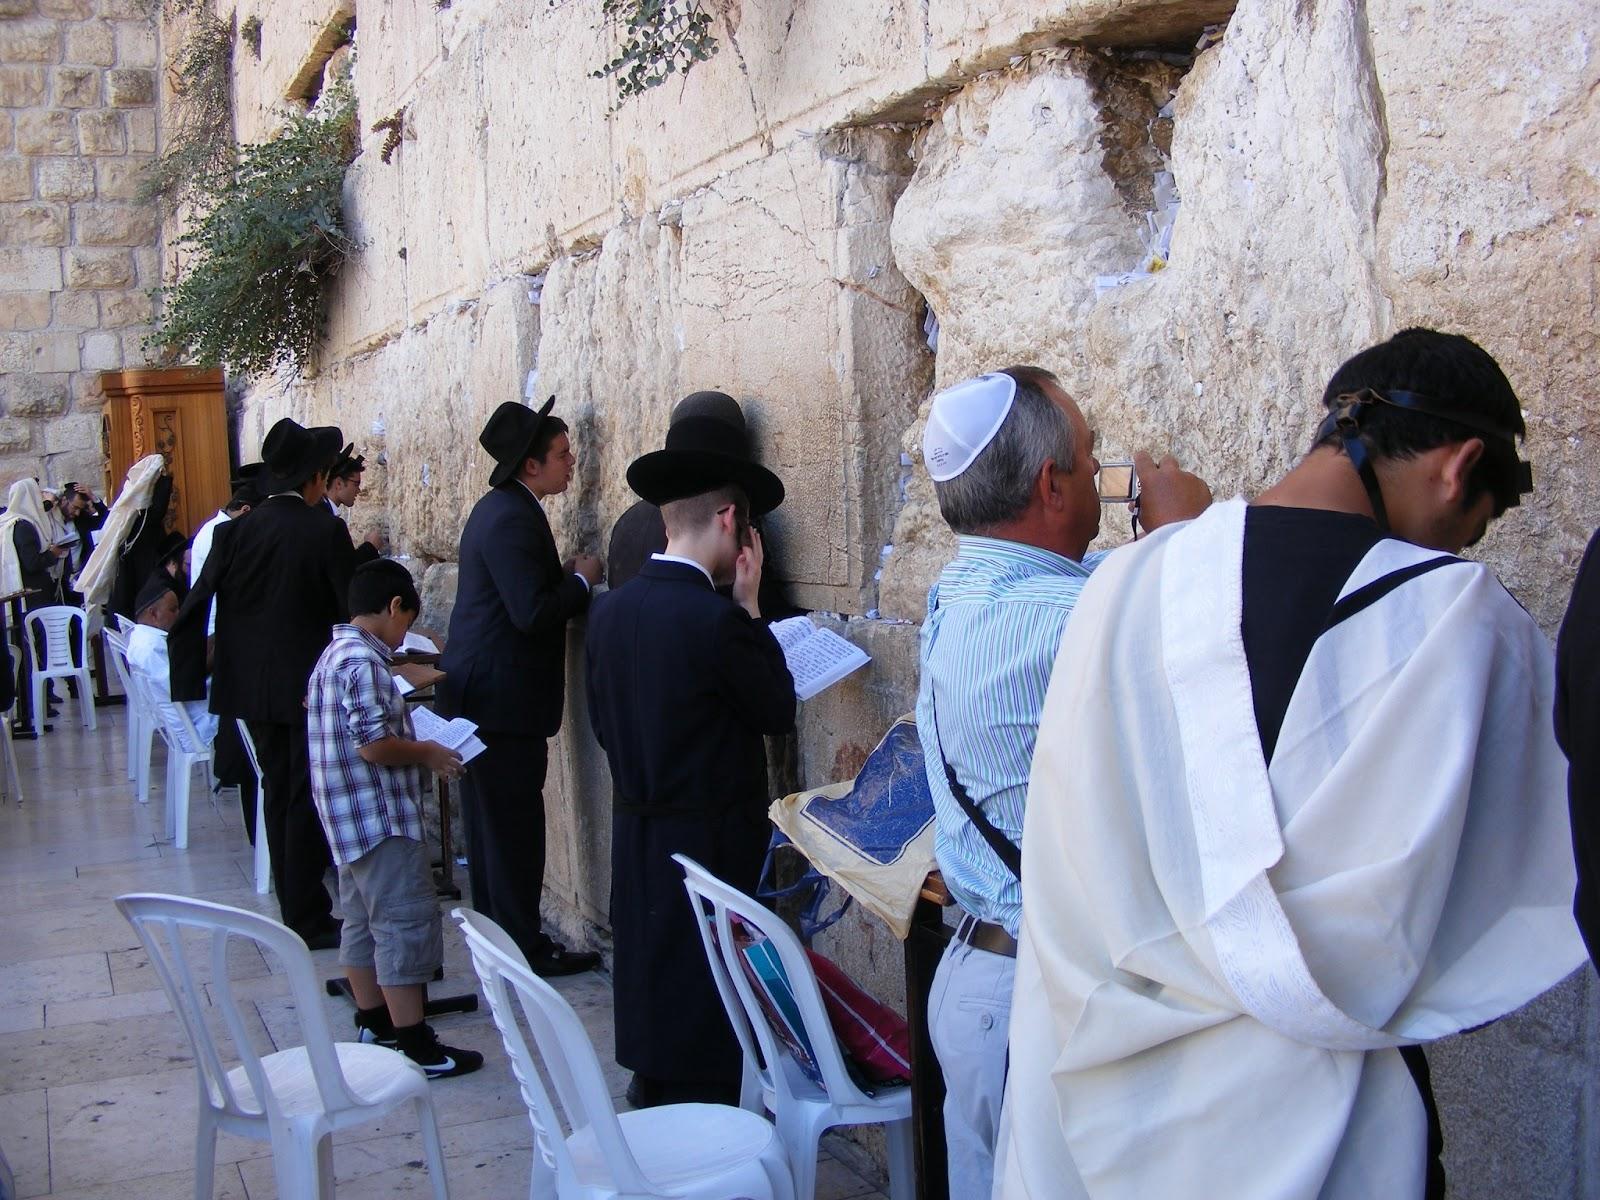 Famosos SHALOM ISRAEL: O POVO JUDEU: PASSADO, PRESENTE E FUTURO GLORIOSO XC75